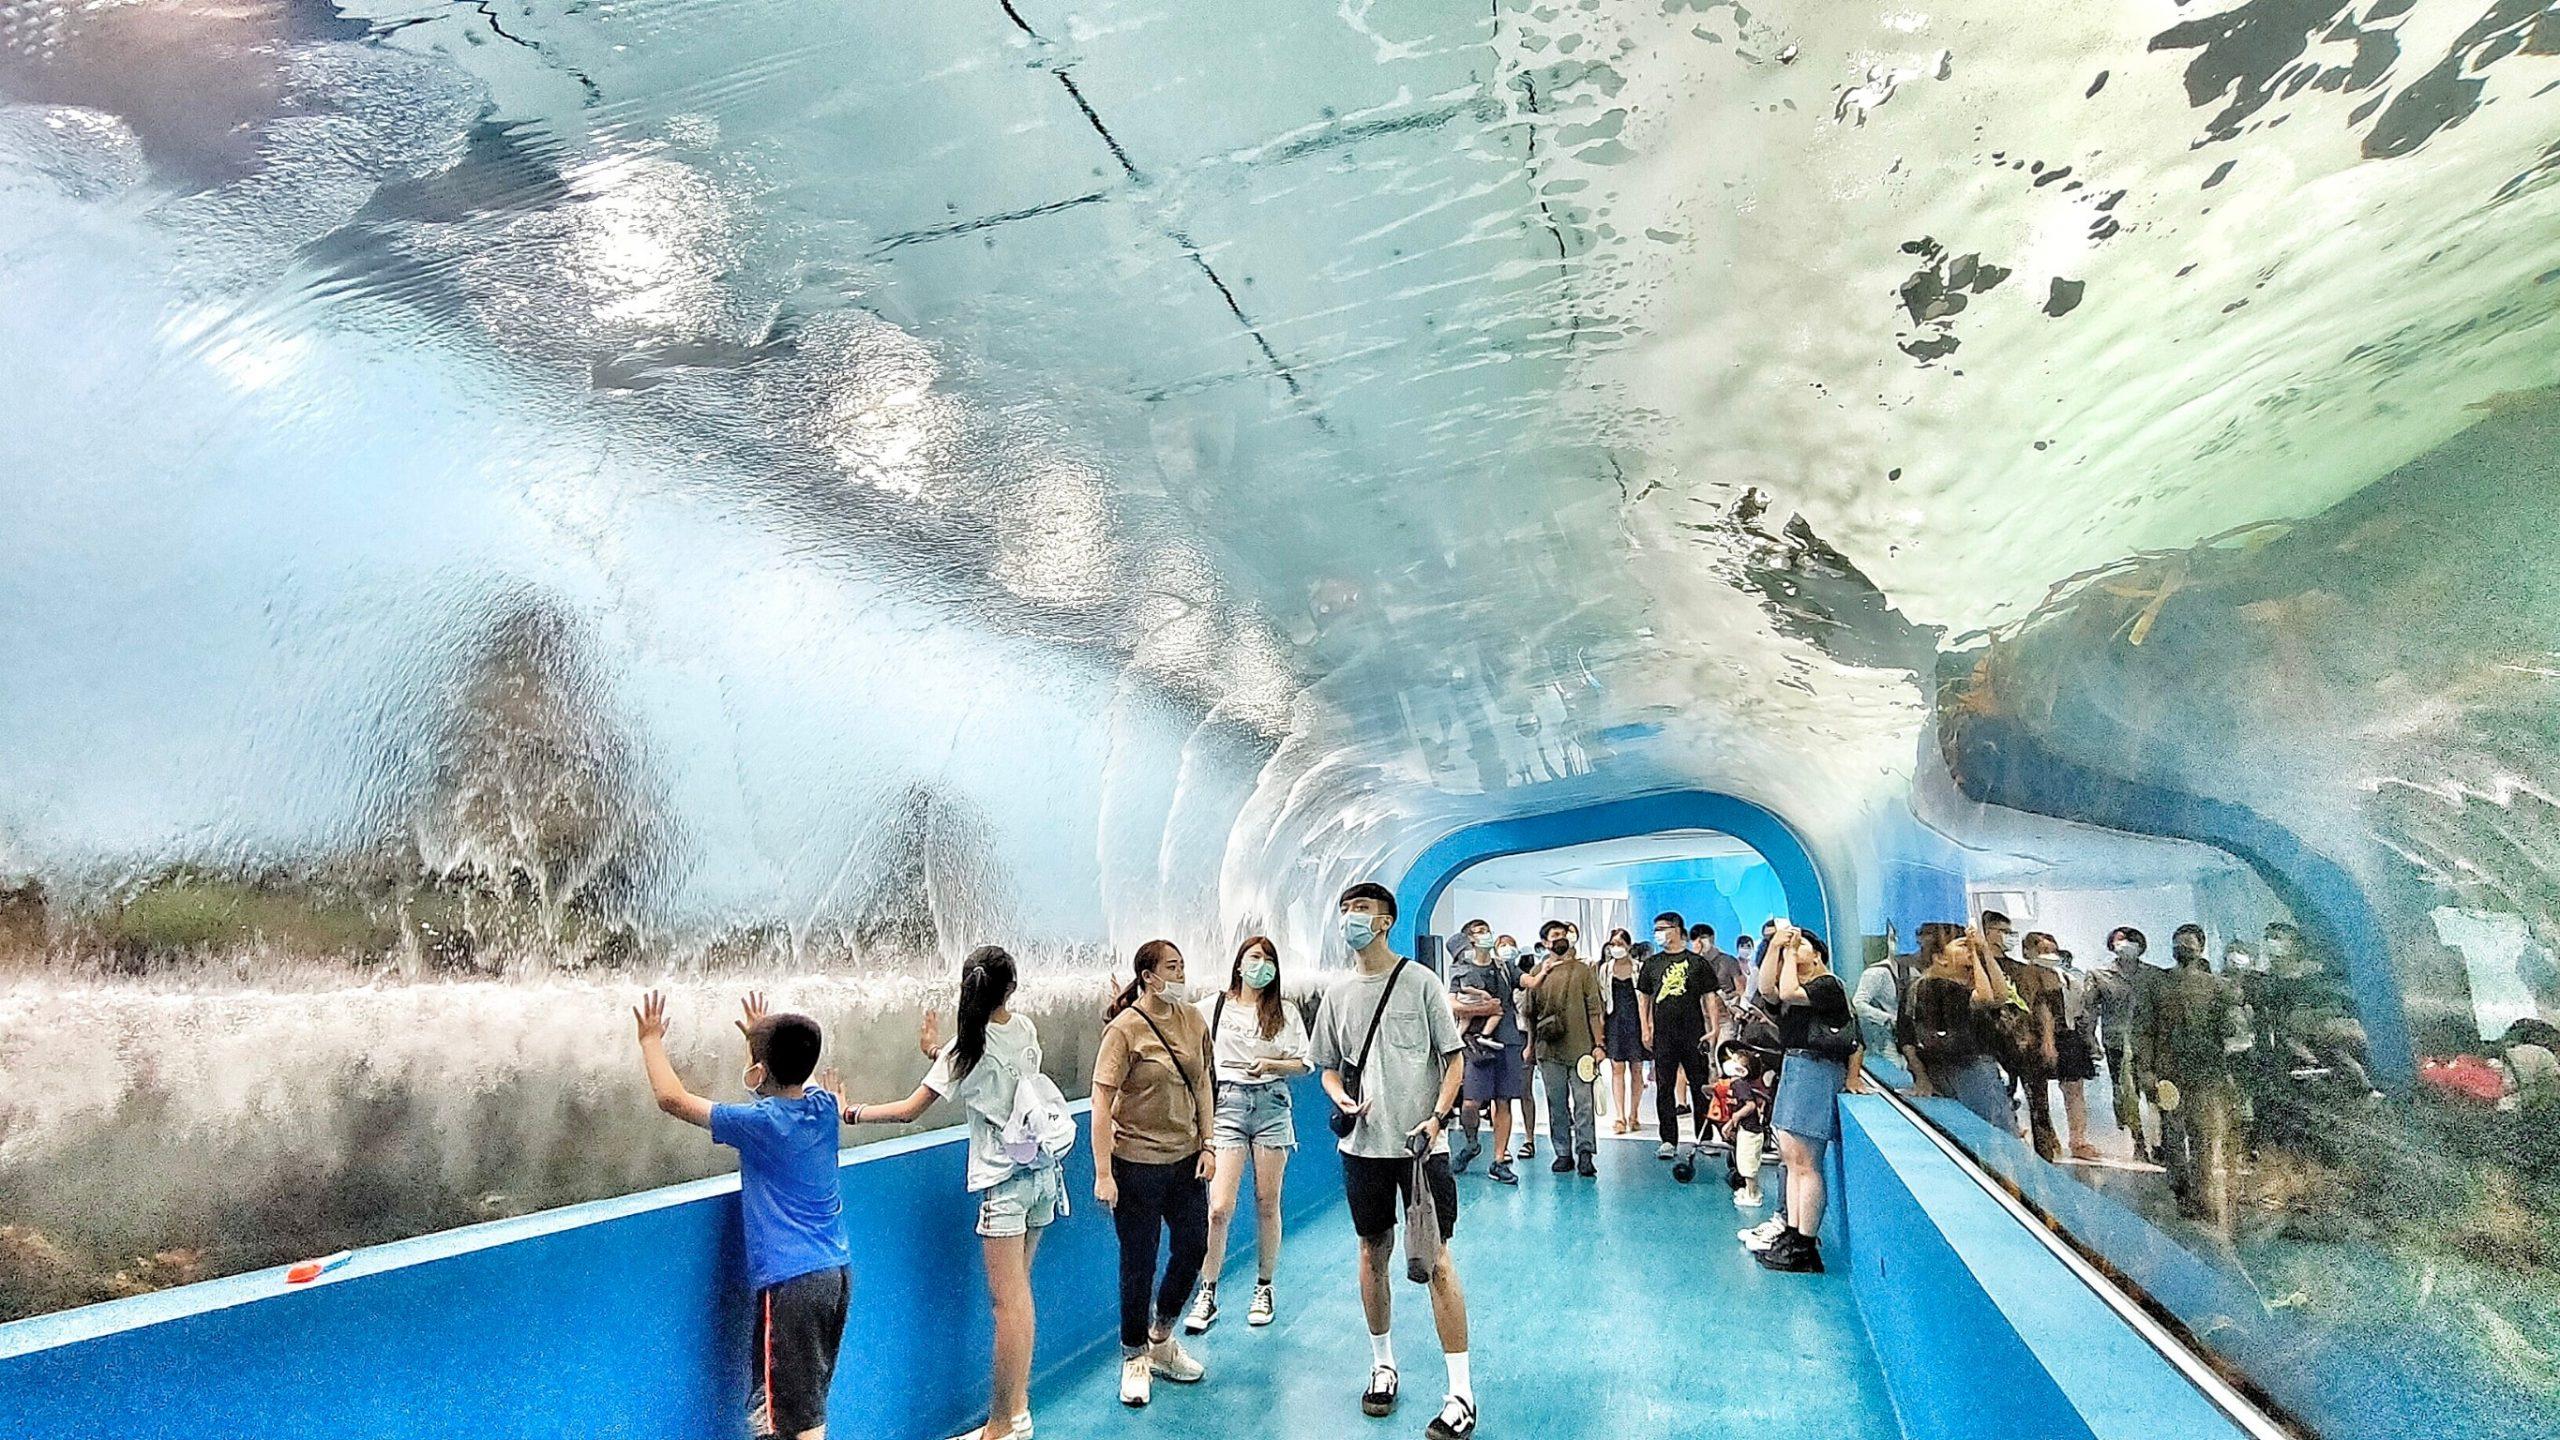 IG,KKDAY,Xpark,Xpark都會型水生公園,企鵝,八景島,新光影城,日本,水母,網美,親子互動,青埔水族館,鯊魚